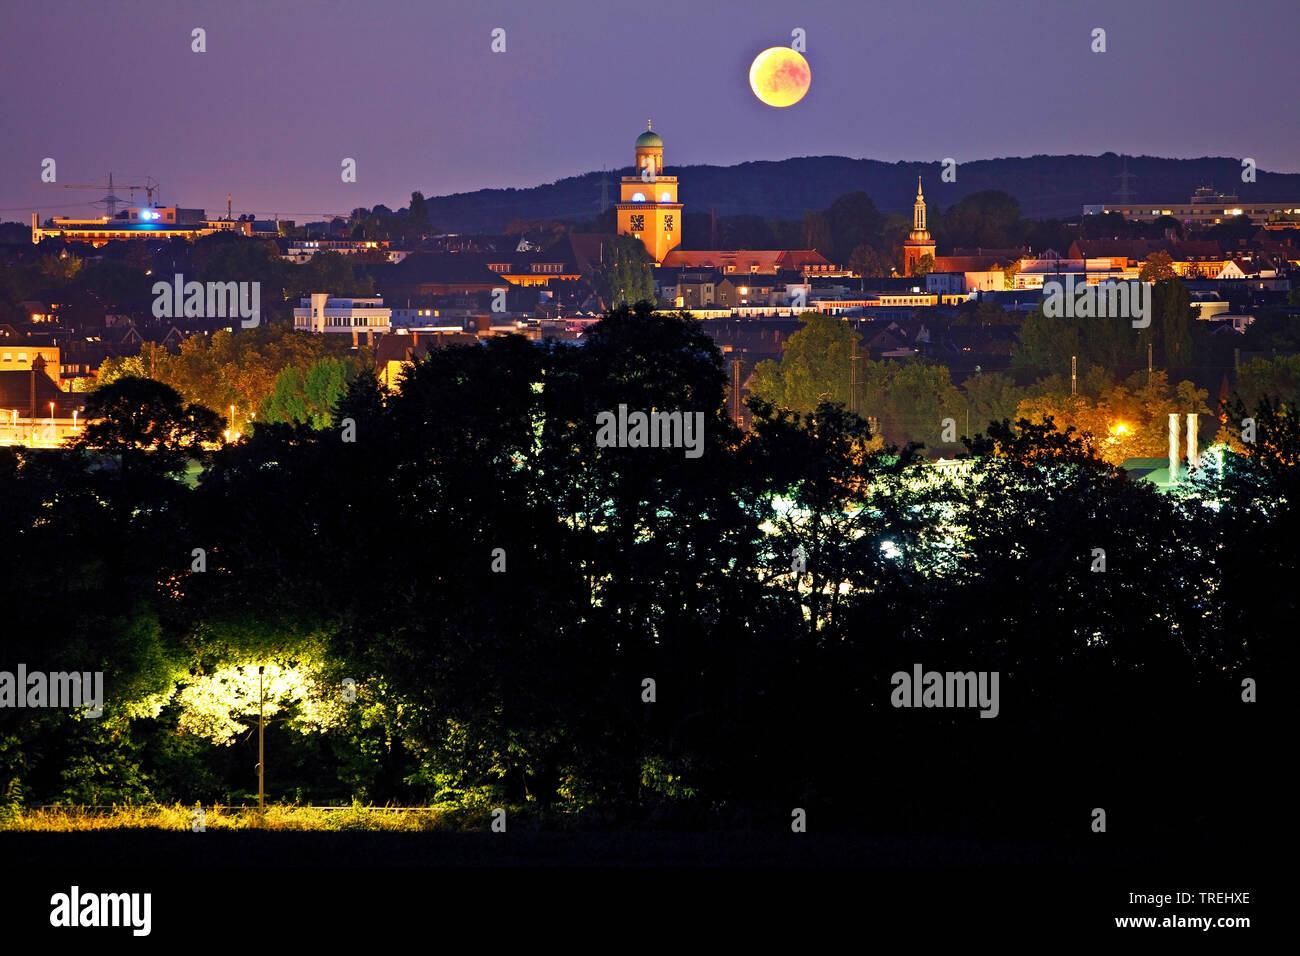 Supermond ueber Witten mit Rathausturm und Kirchturm der Johanniskirche bei Nacht, Deutschland, Nordrhein-Westfalen, Ruhrgebiet, Witten   super moon o - Stock Image